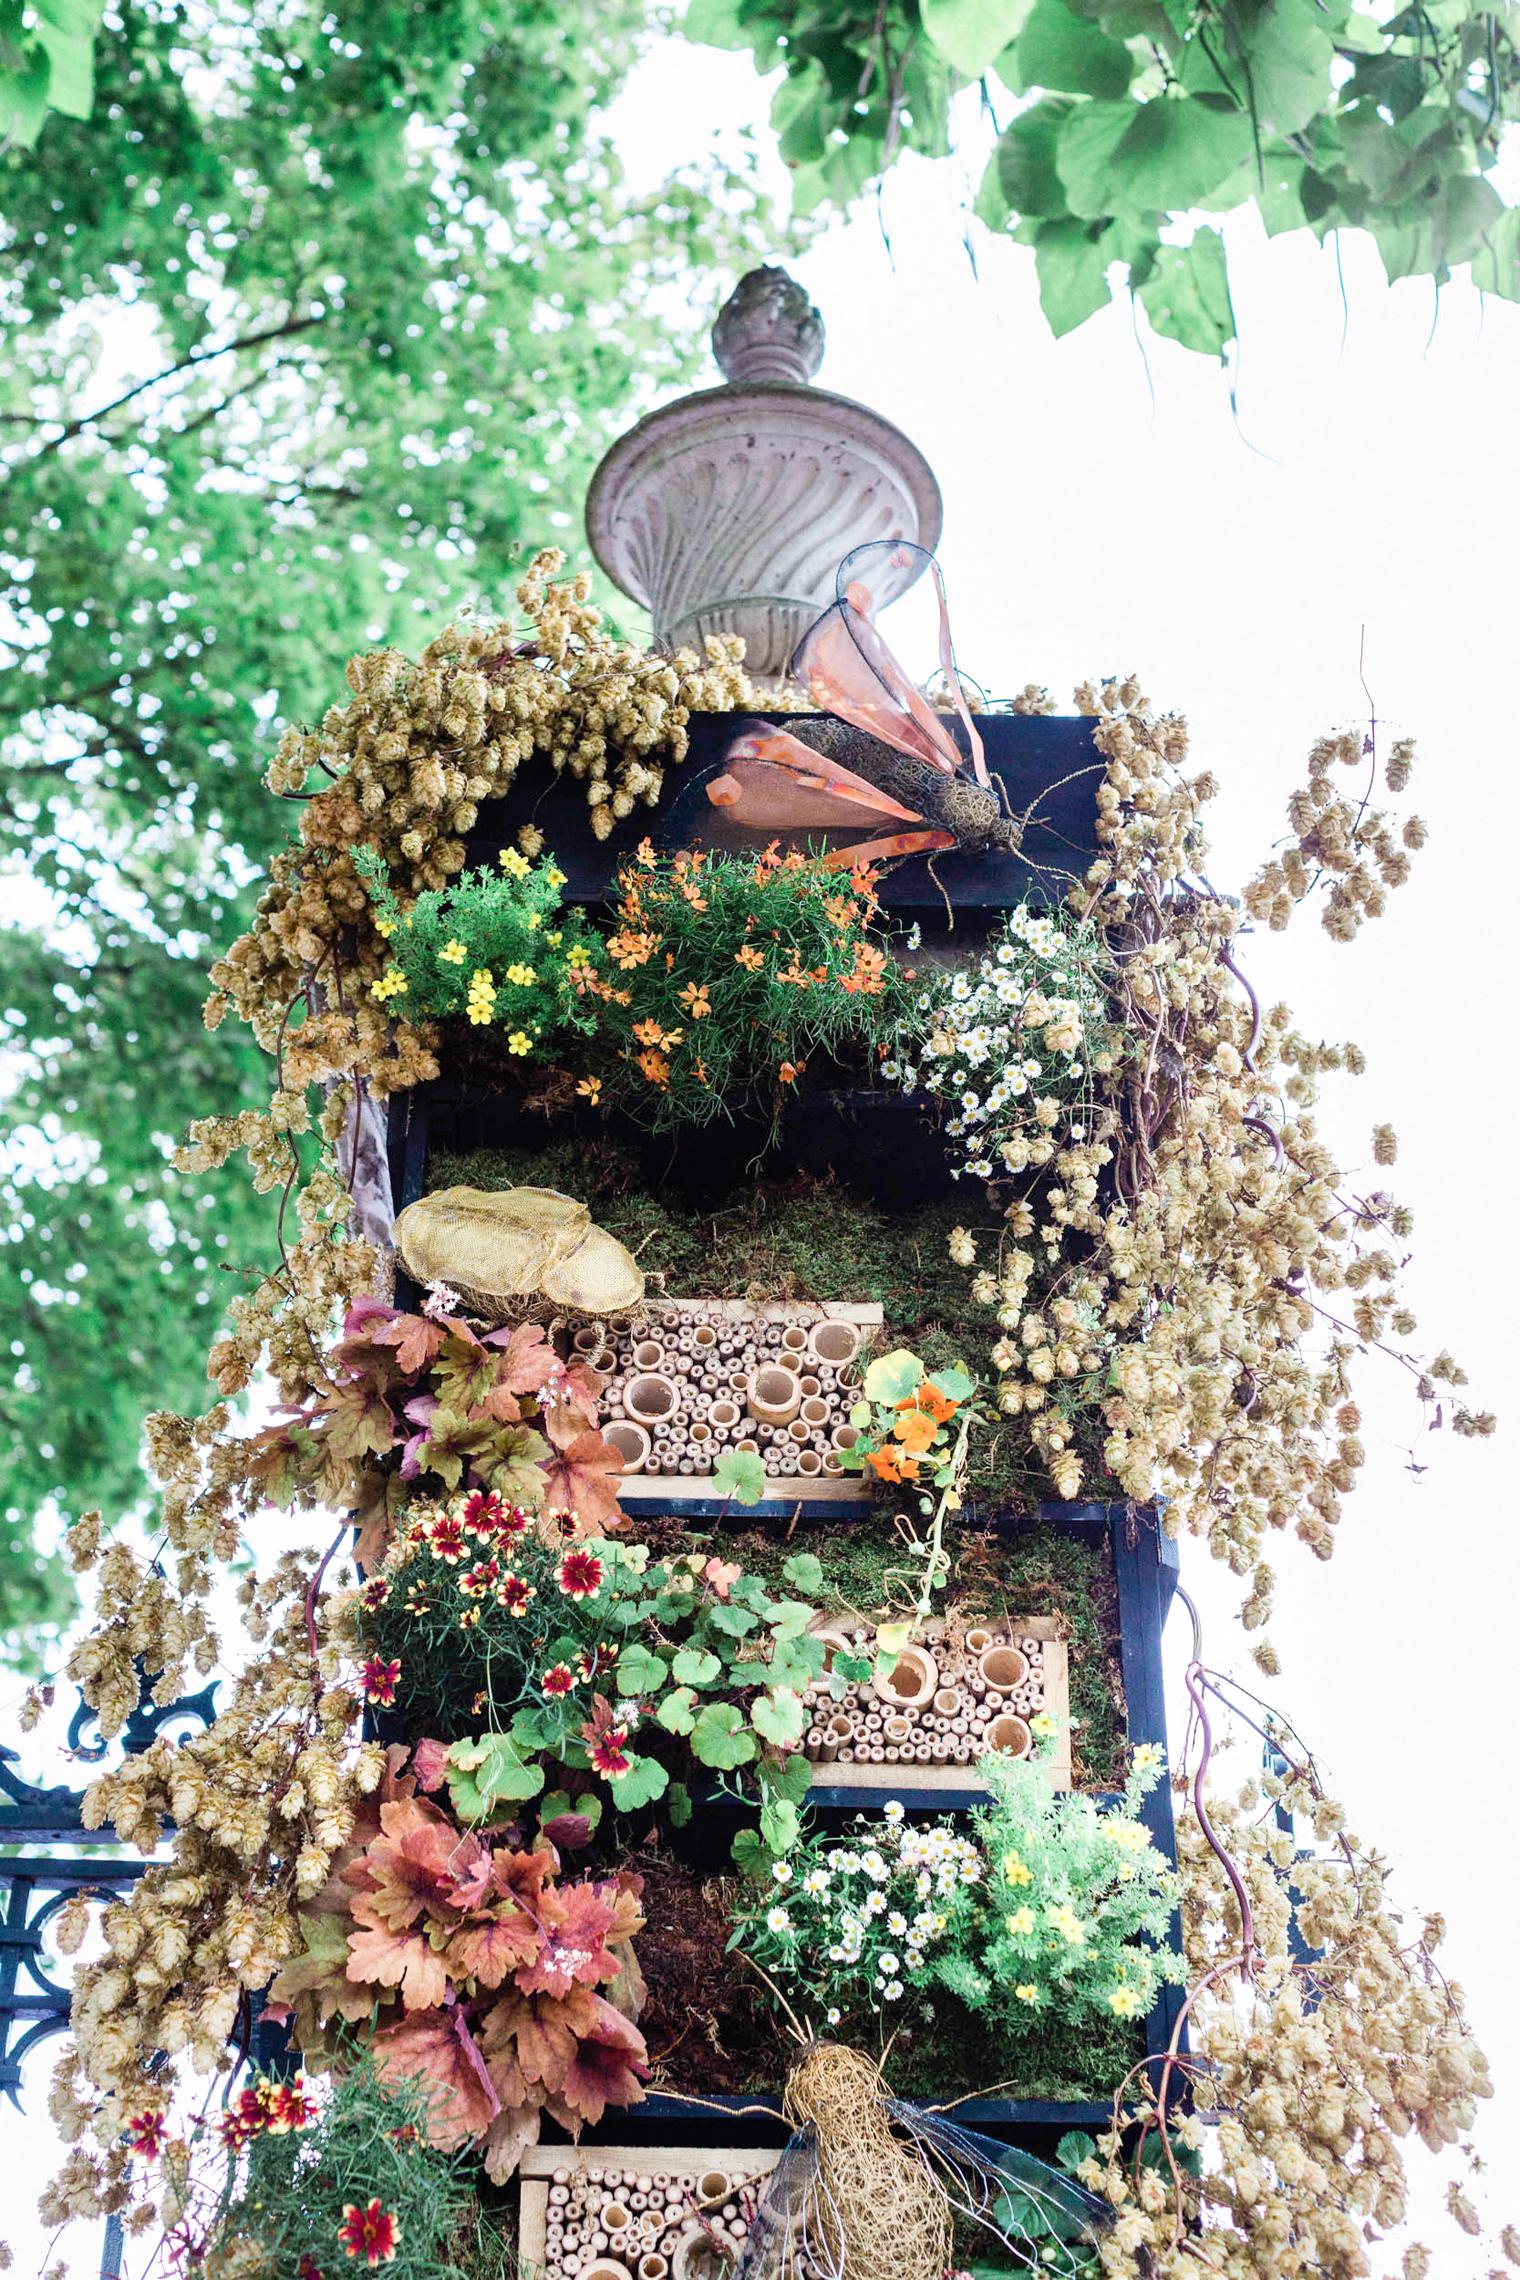 Bull Ring Gate at RHS Chelsea Flower Show 2021